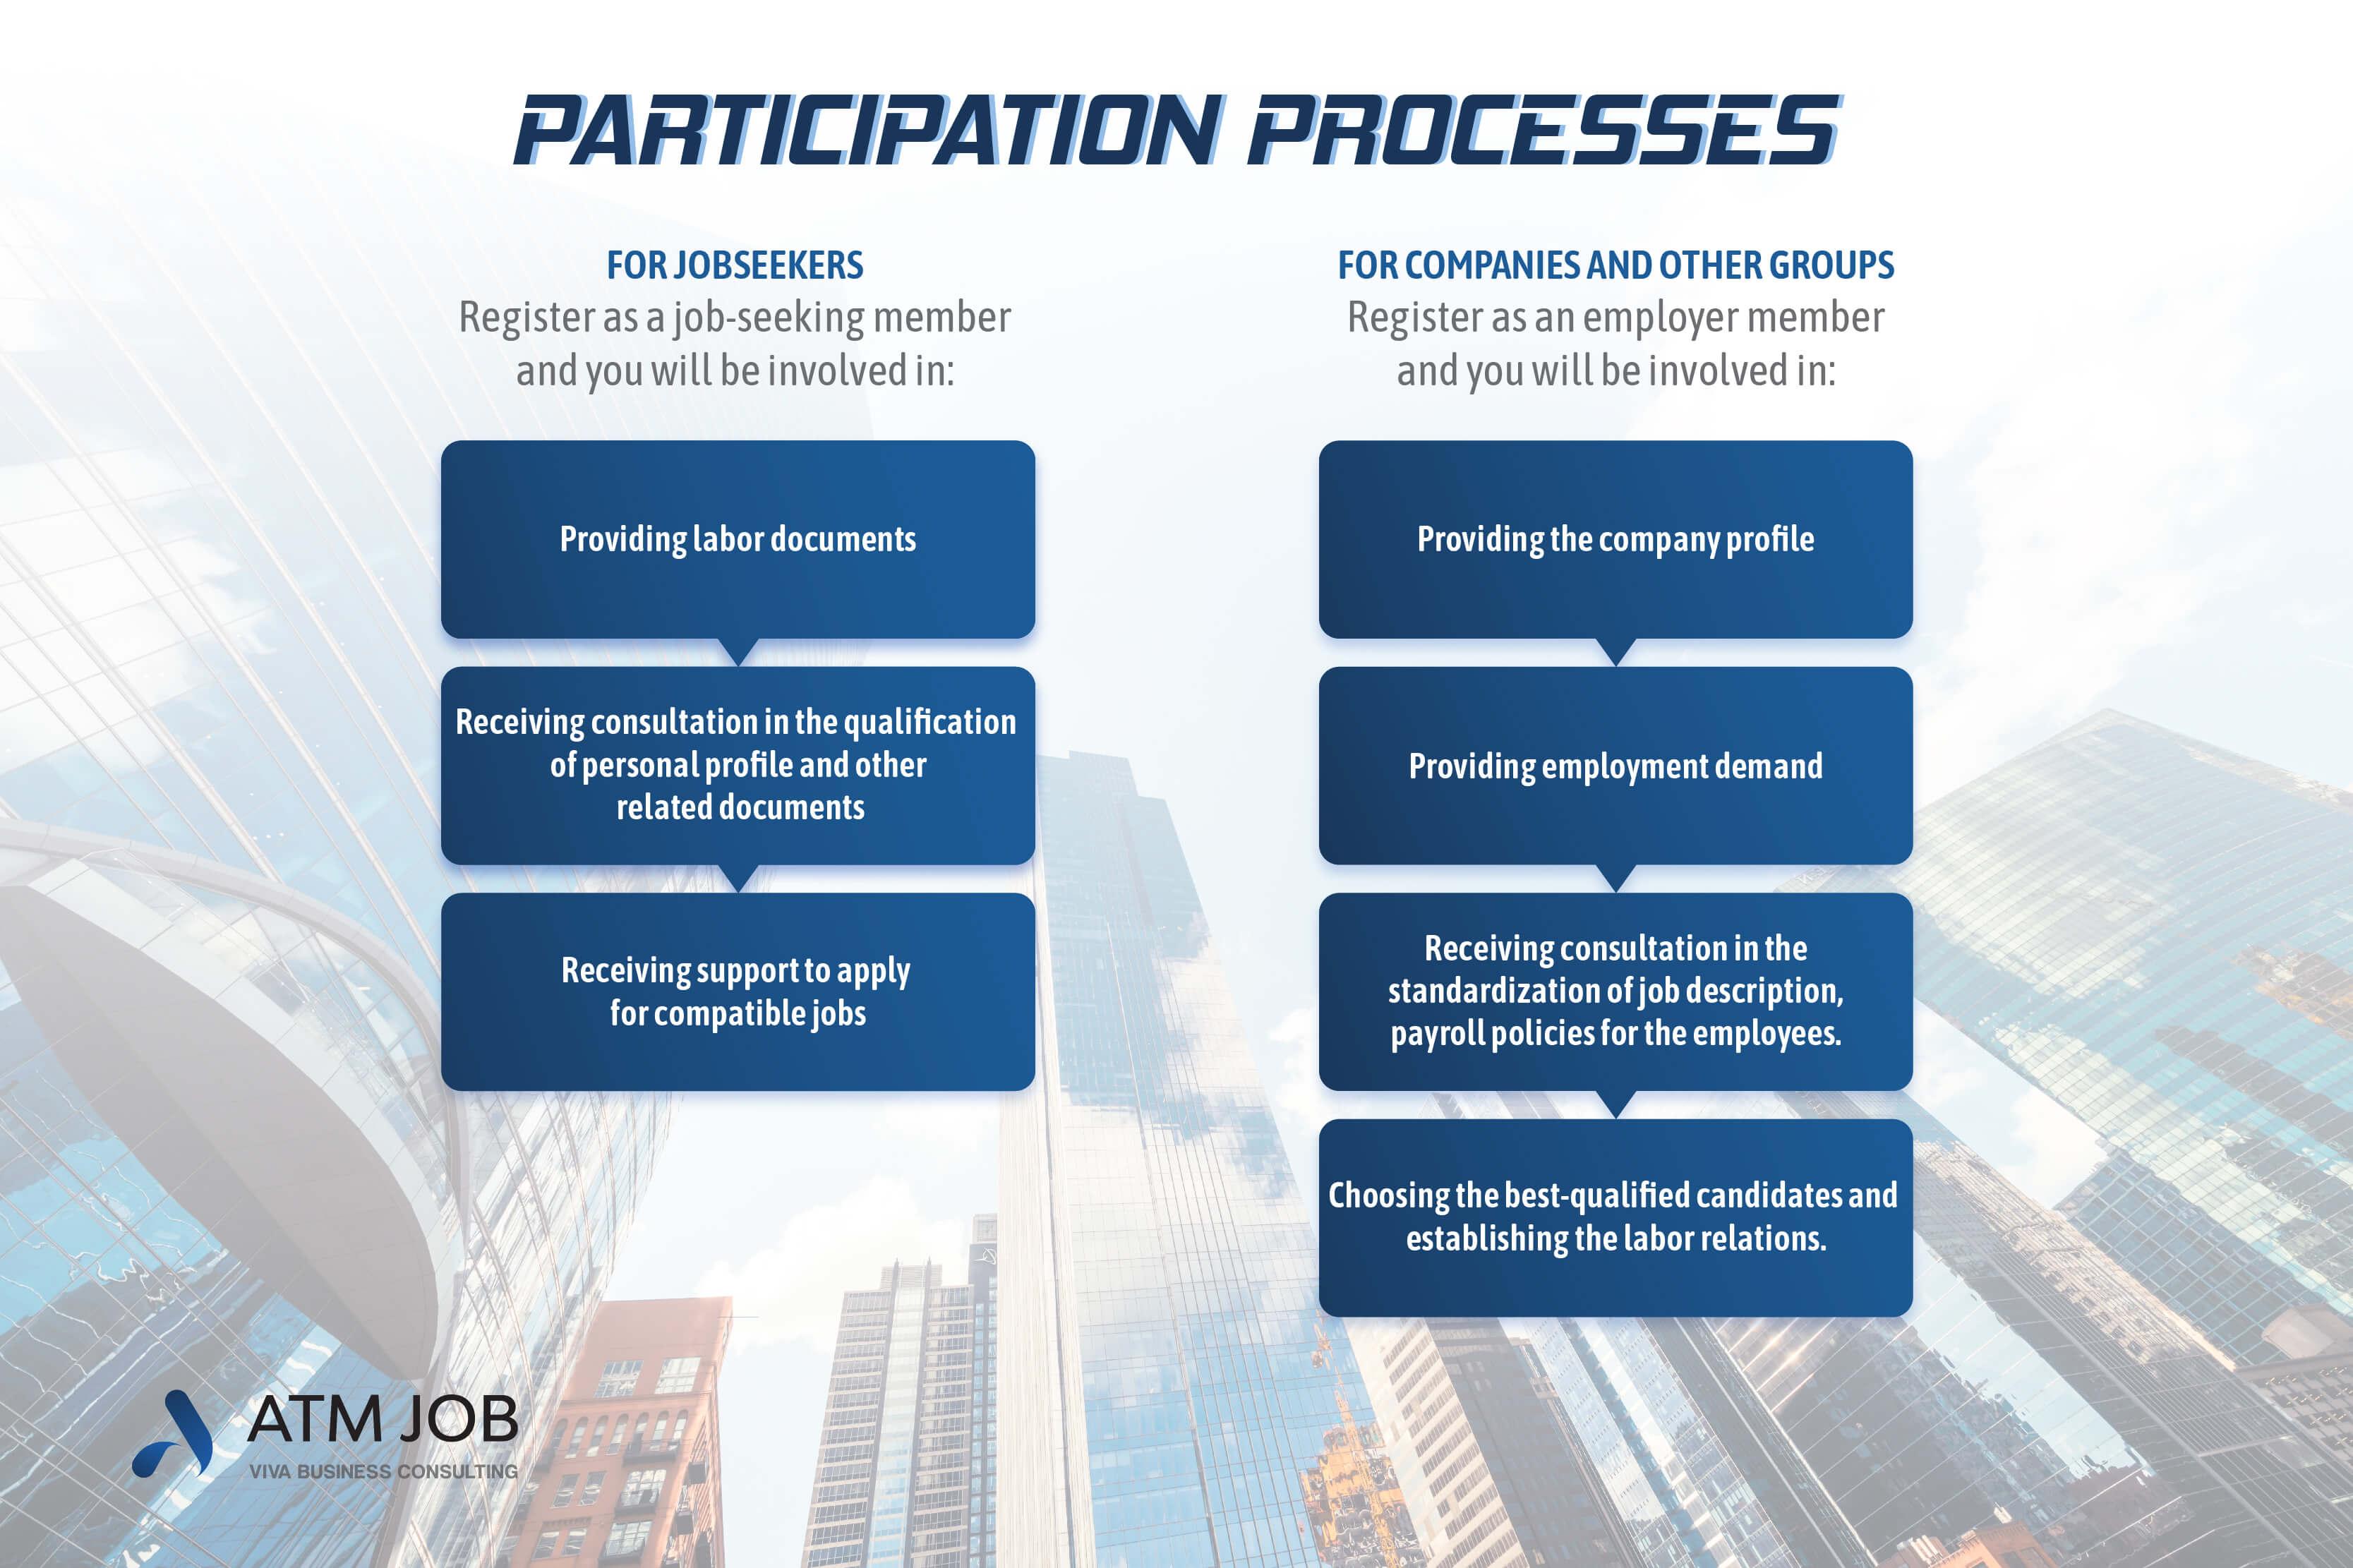 ATM Job - Participation processes